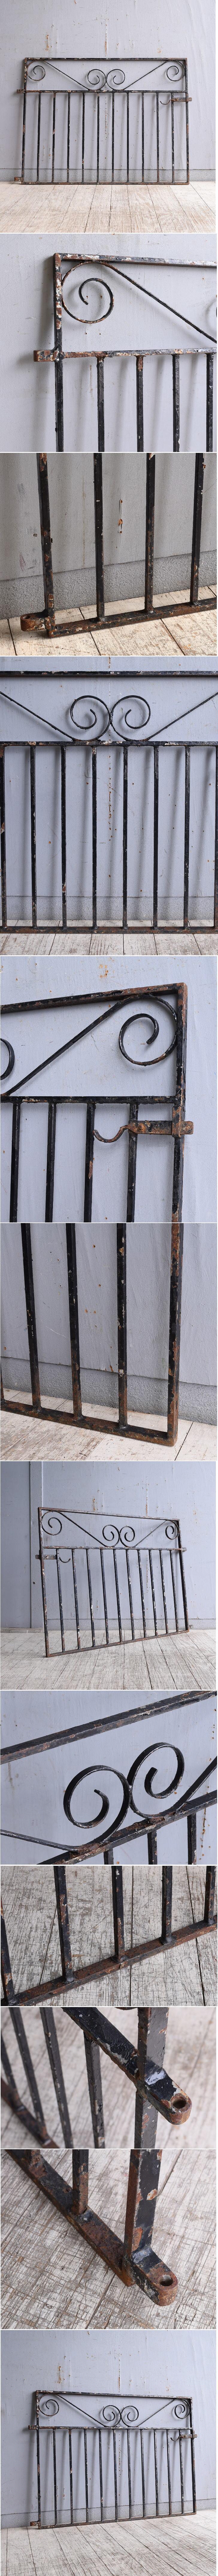 イギリスアンティーク アイアンフェンス ゲート柵 ガーデニング 10218